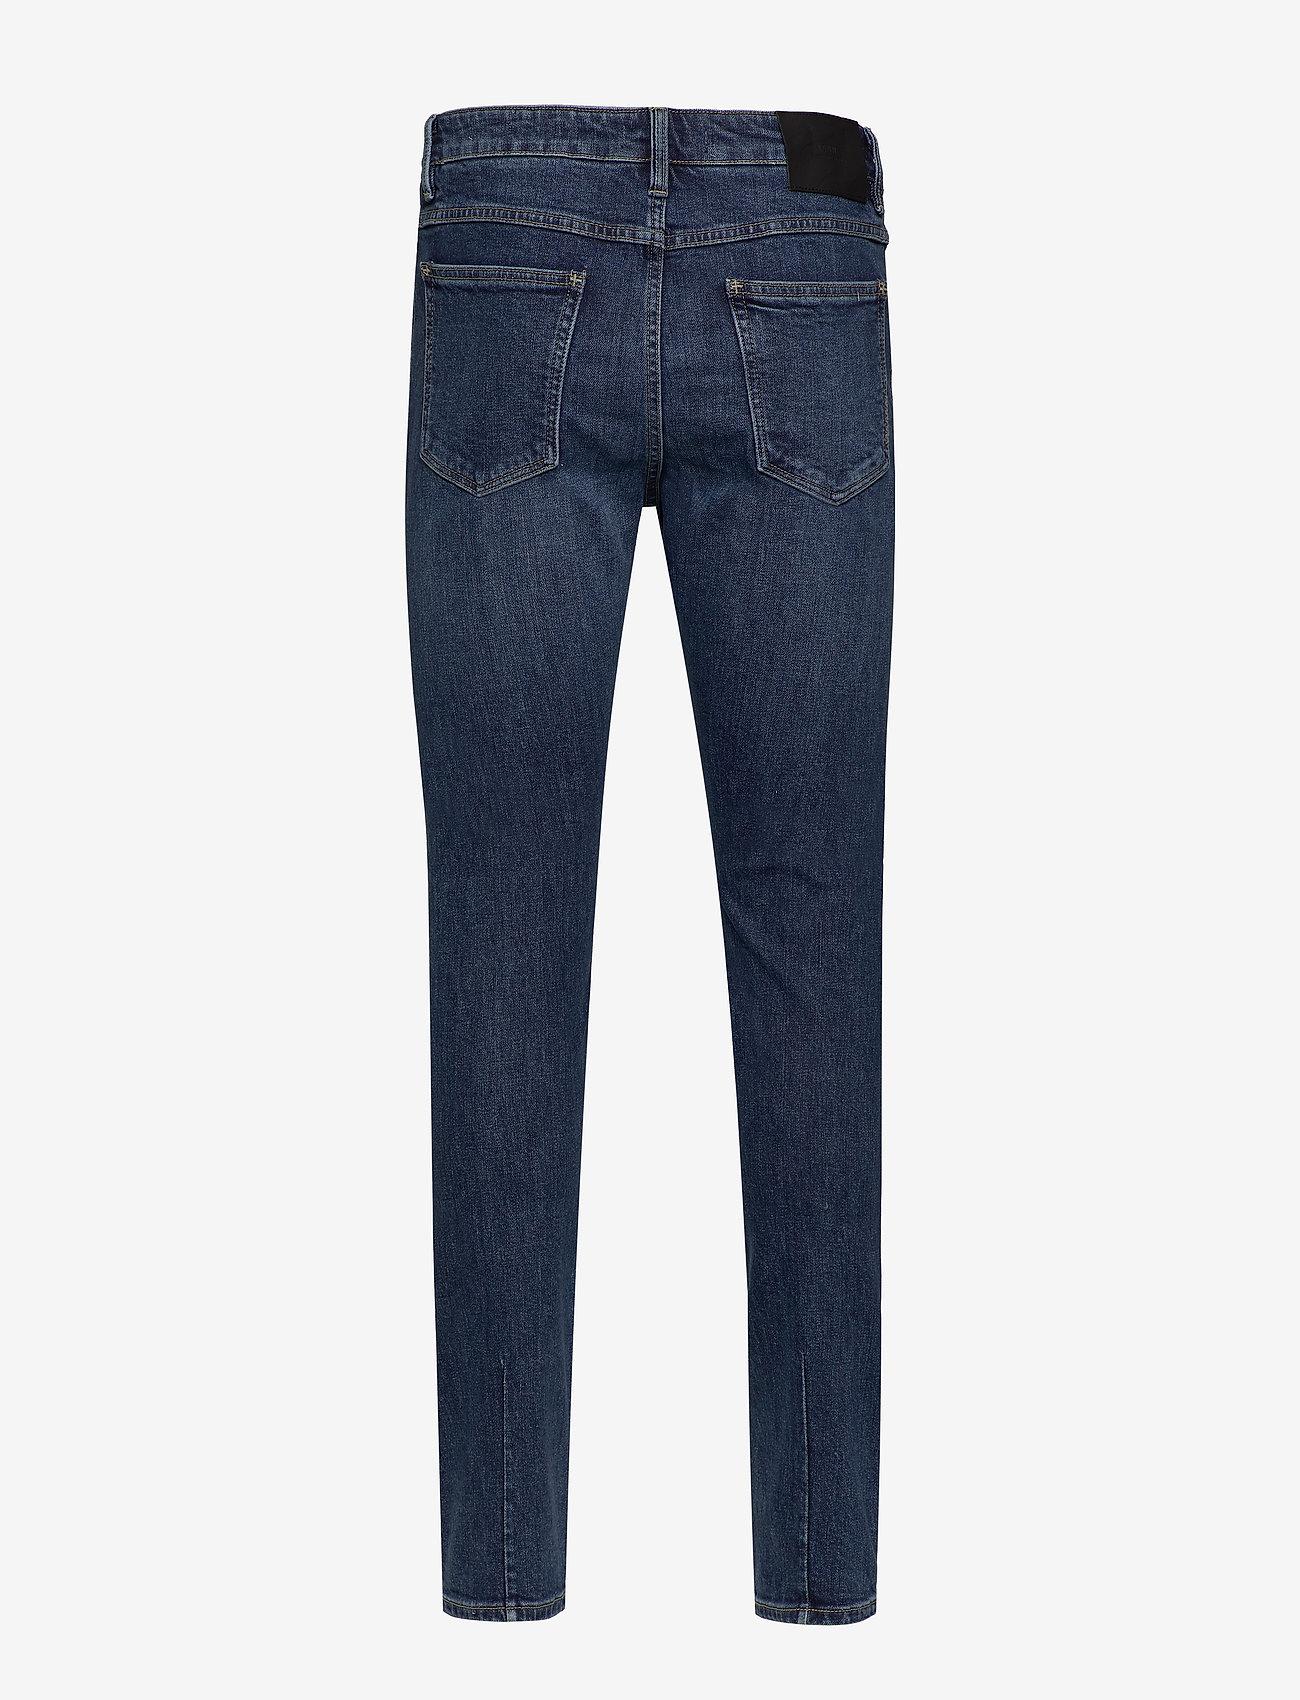 Neuw Iggy Skinny - Jeans Zero-4th Generation